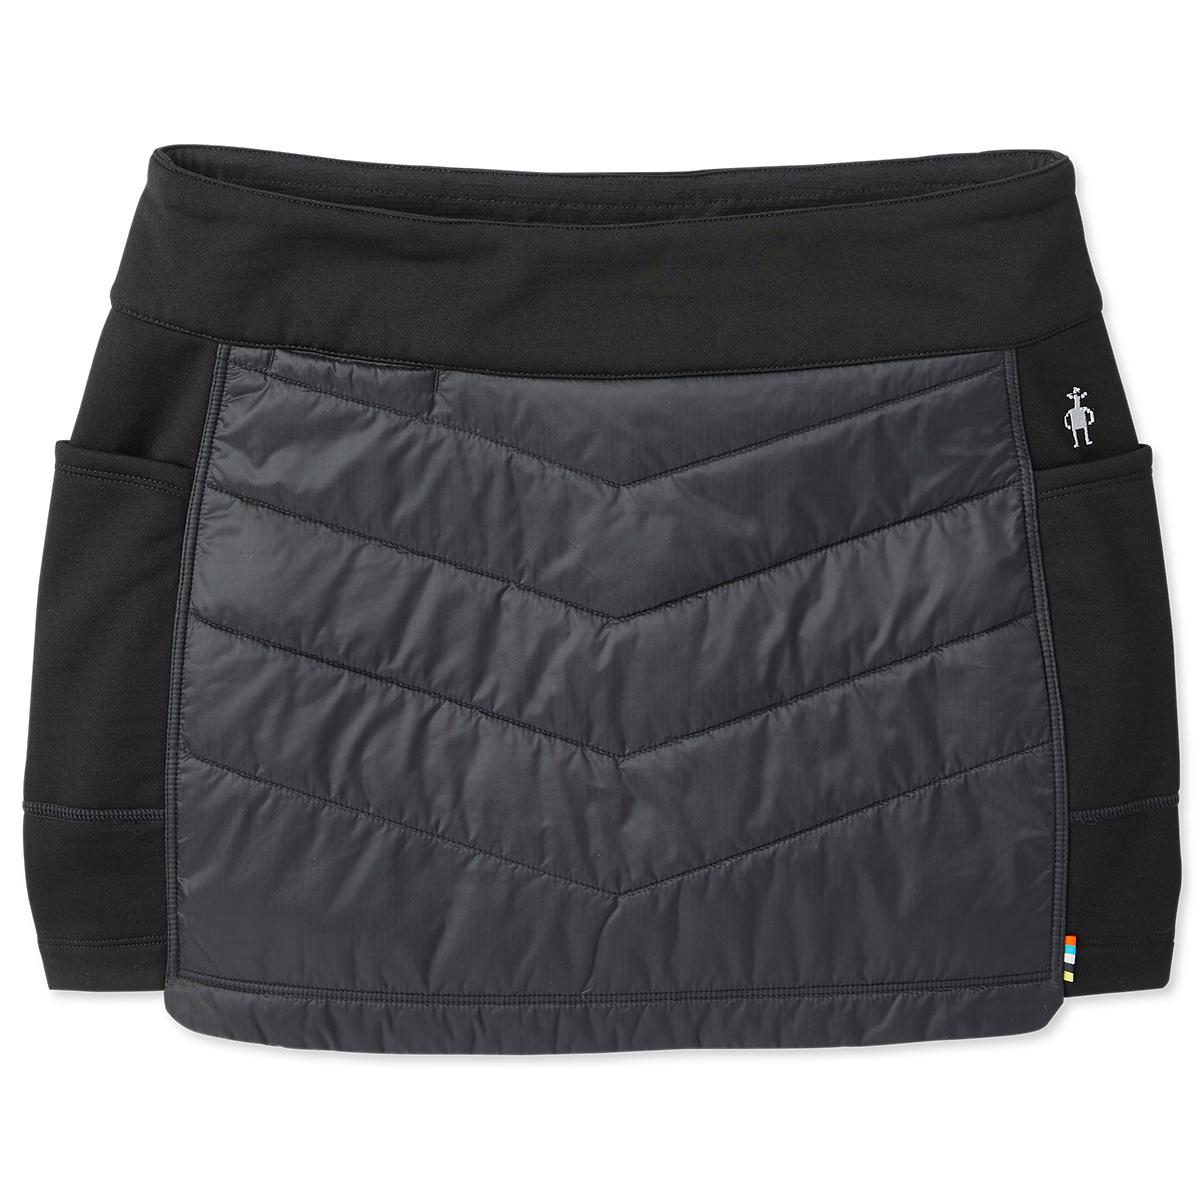 Smartwool Women's Smartloft 60 Skirt - Black, M